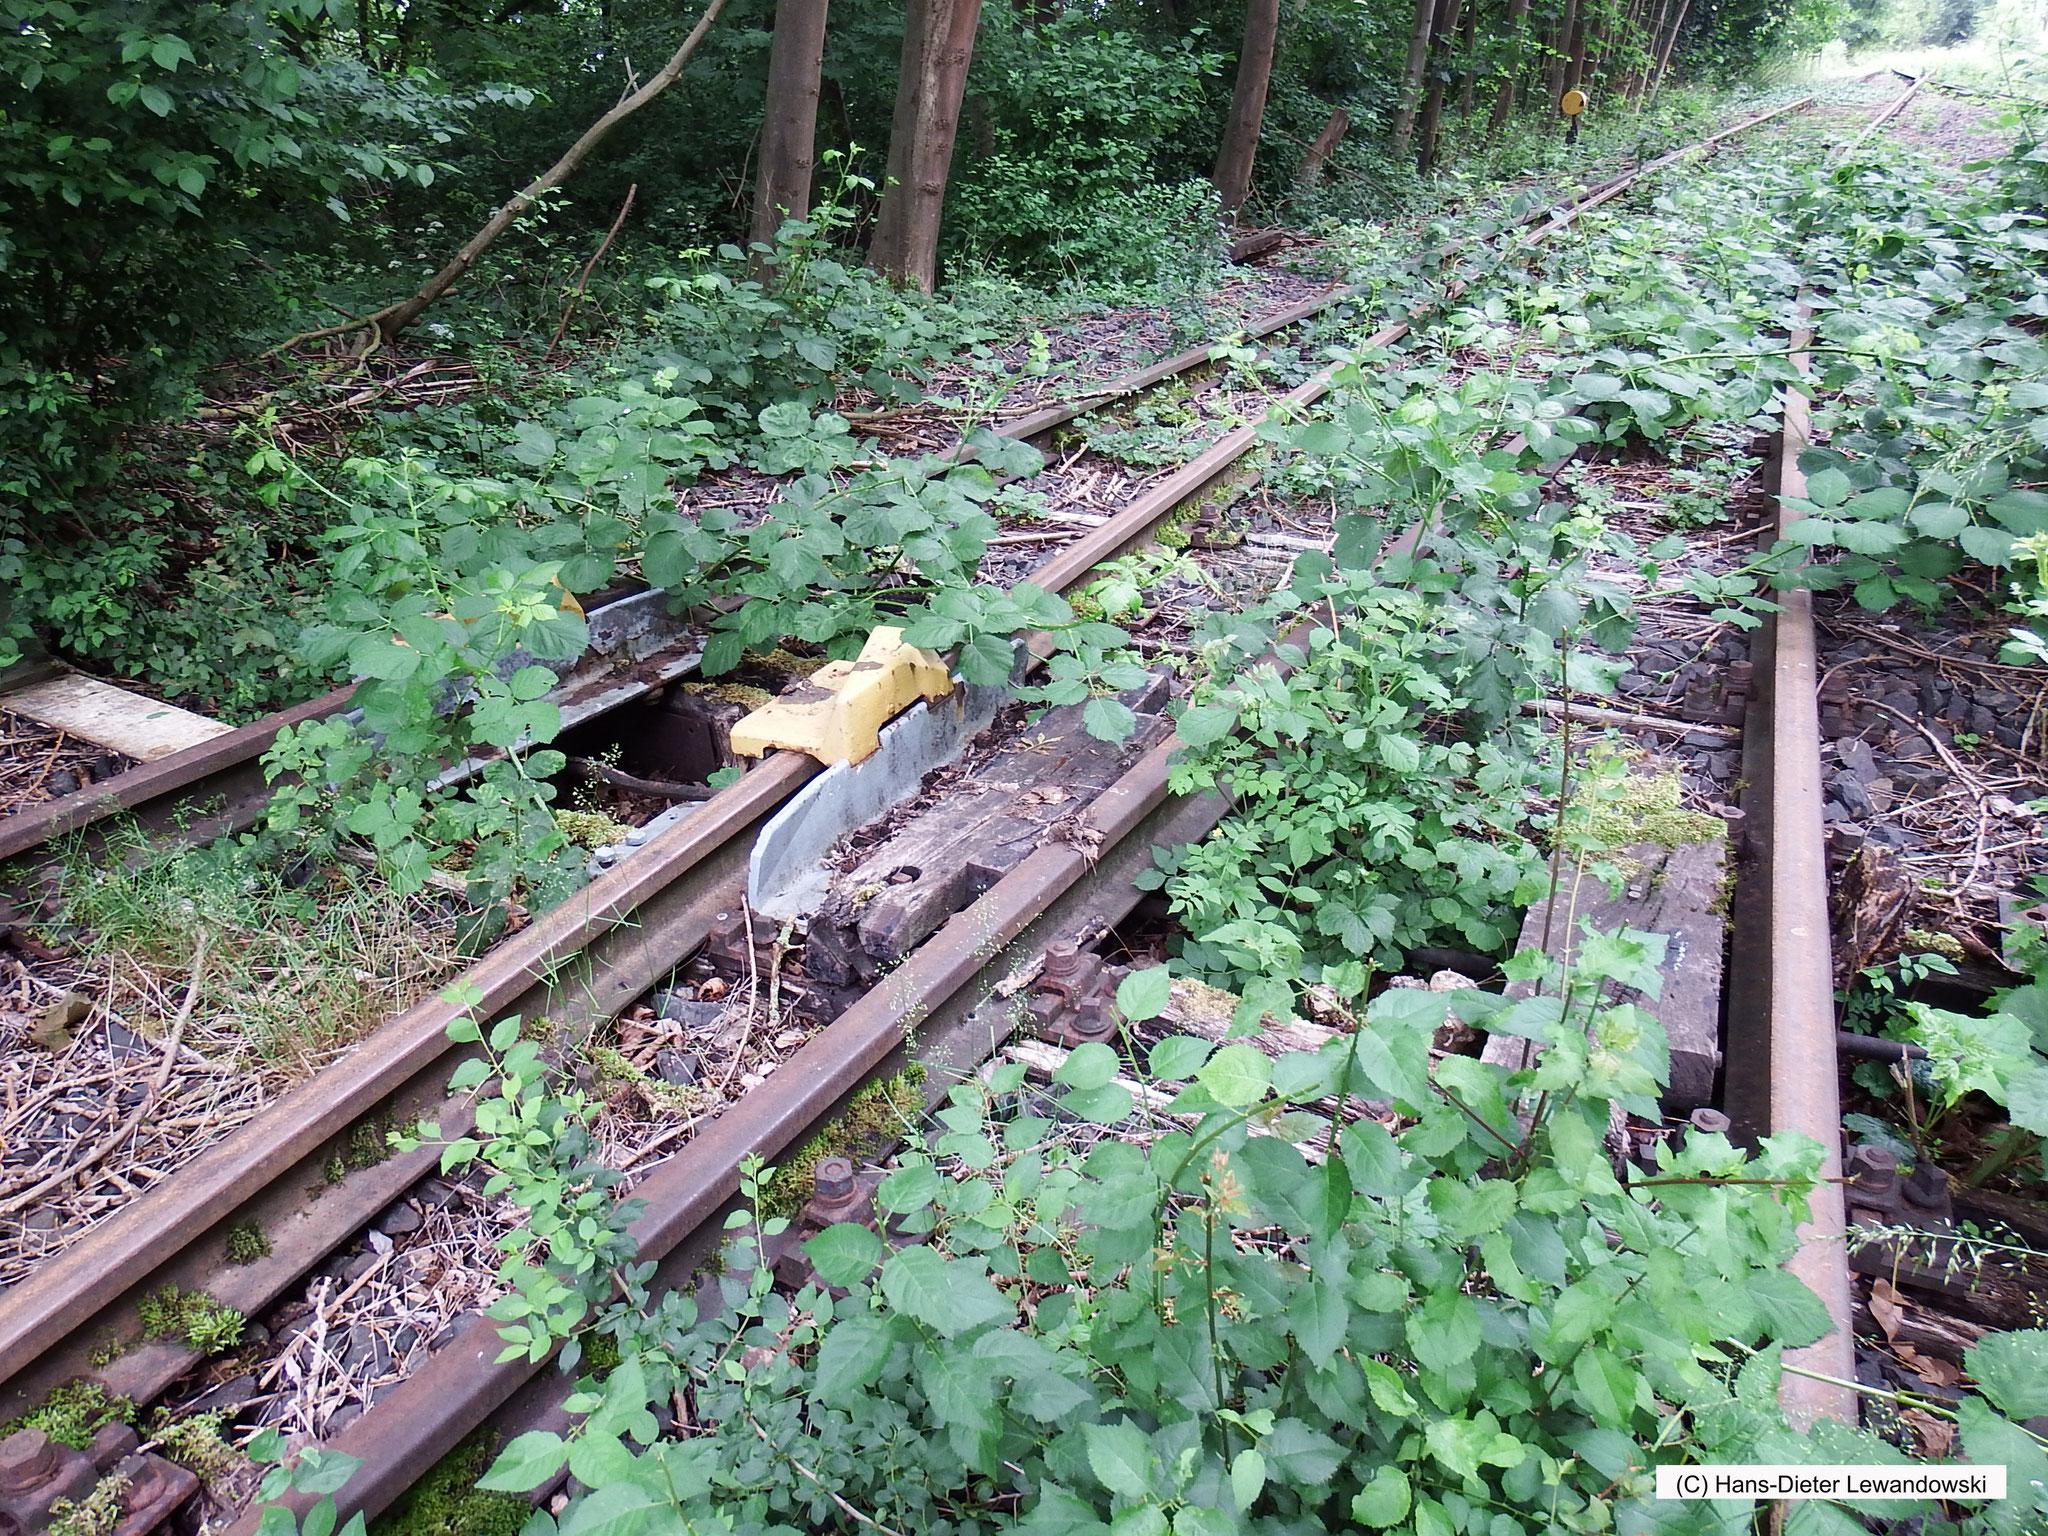 Ehemaliger Bahnhof Bockenem im Ambergau